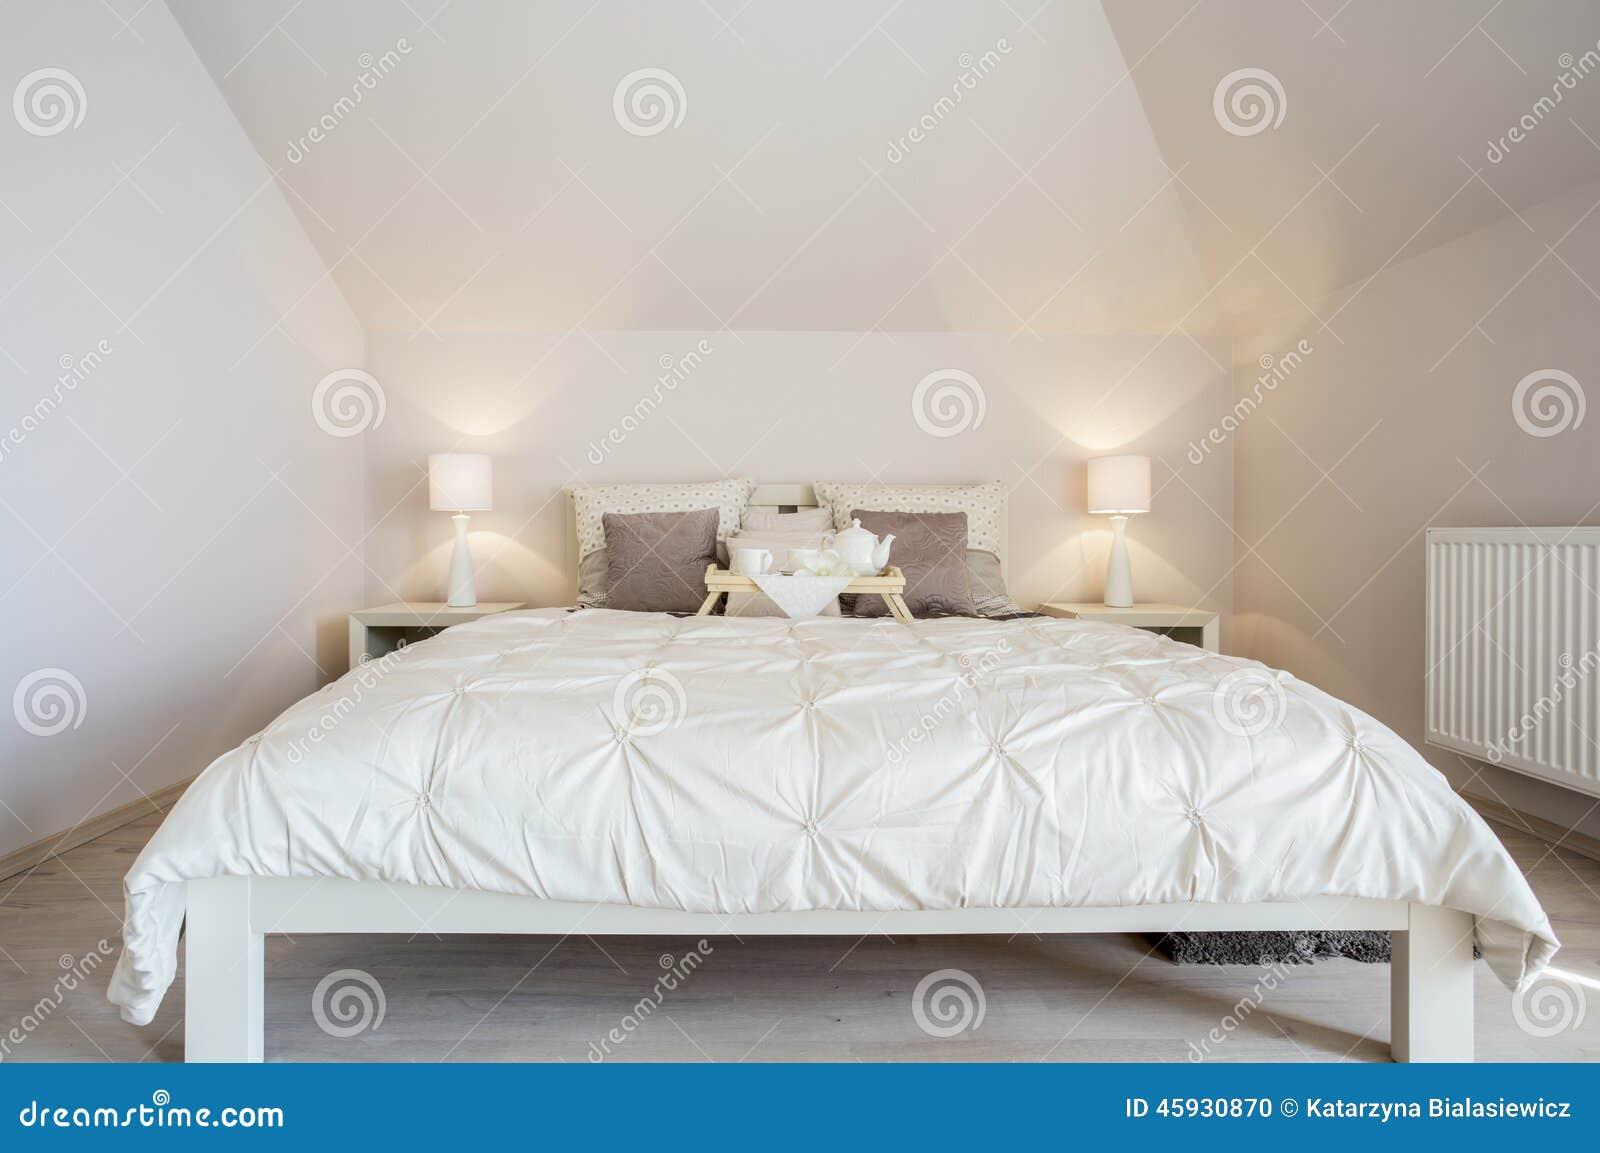 Dormitorio de lujo y acogedor